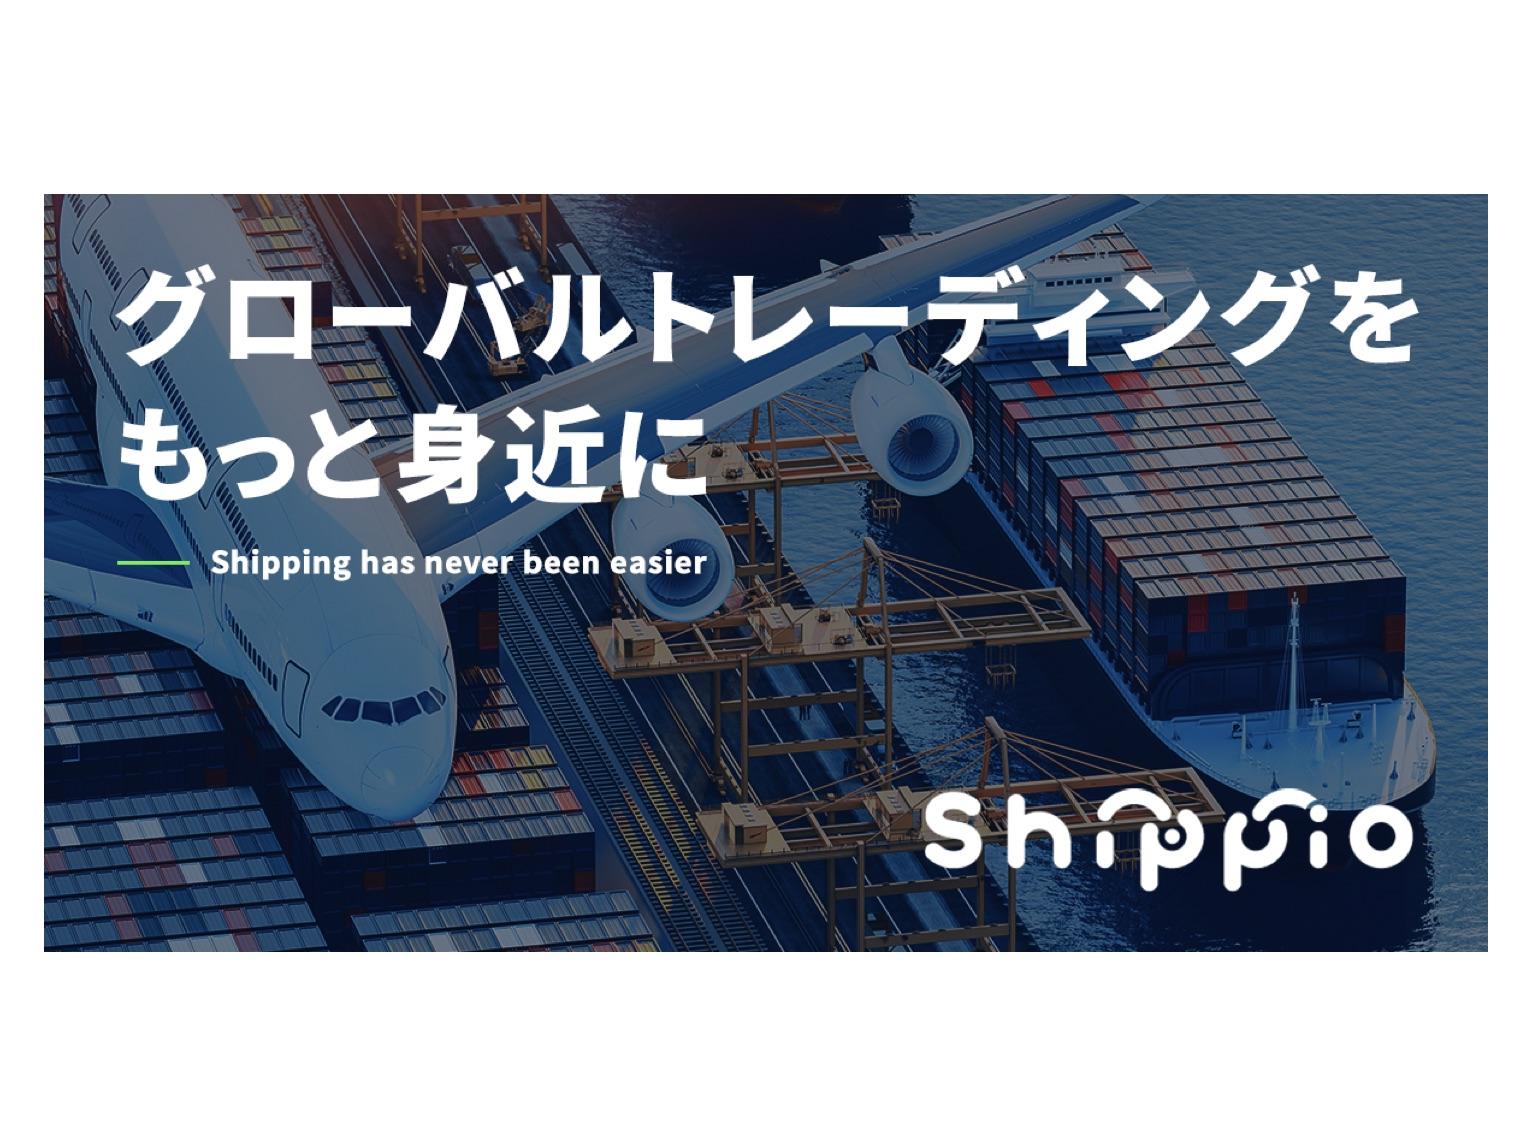 国際物流スタートアップのShippio、シリーズAで10.6億円の資金調達